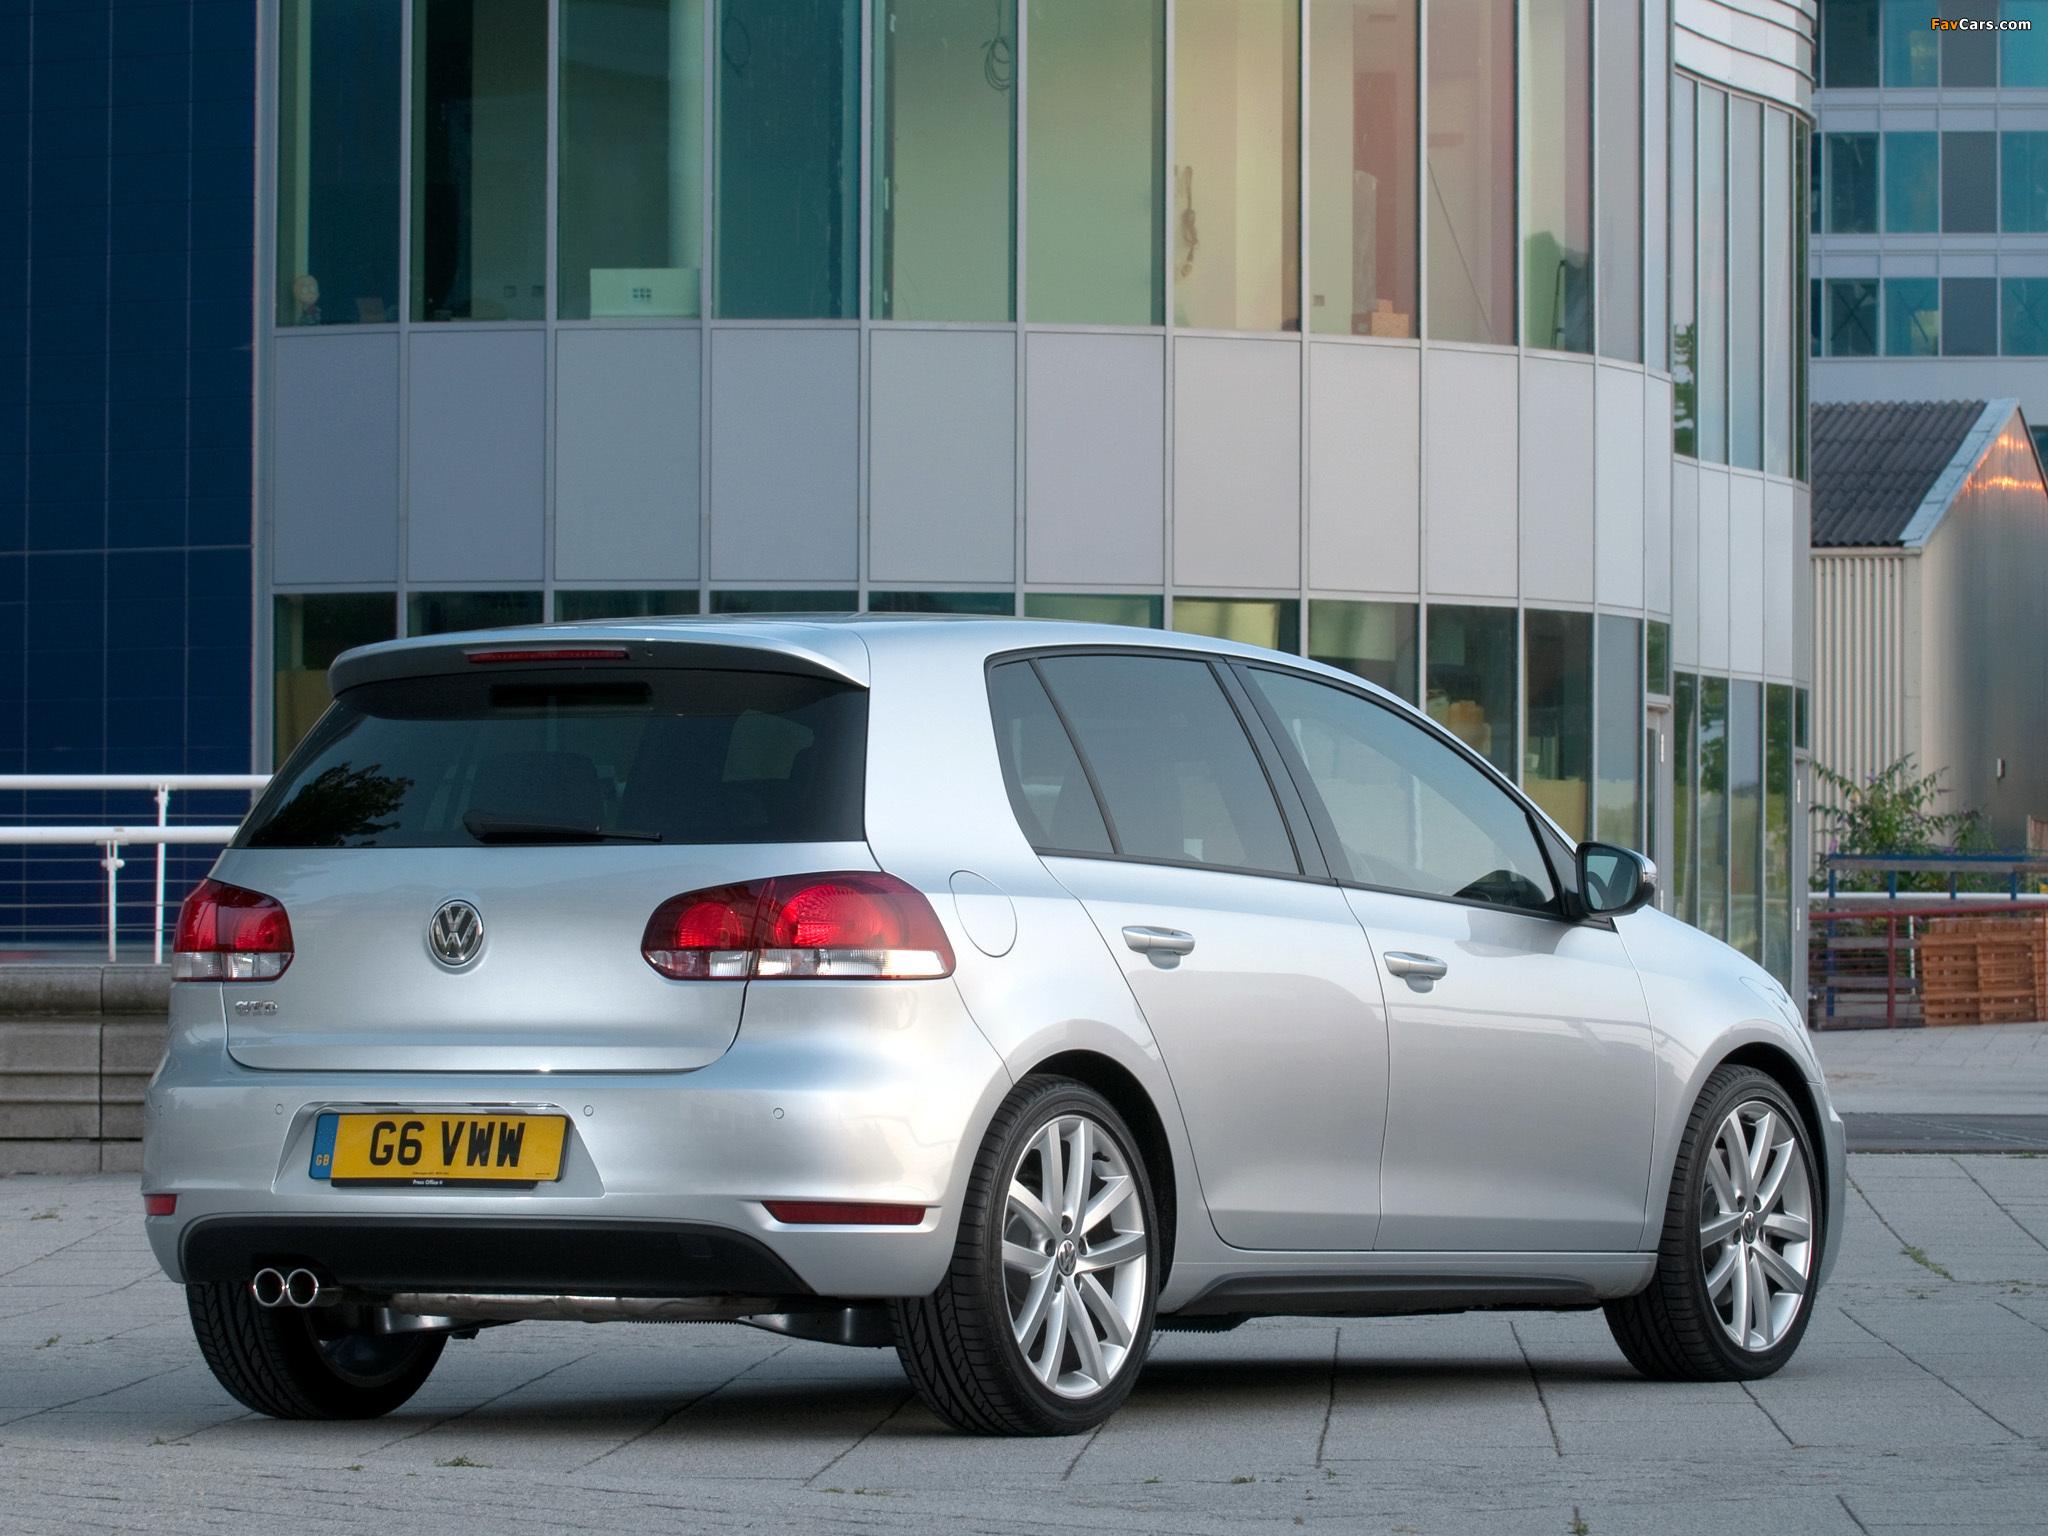 Volkswagen Golf GTD 5-door UK-spec (Typ 5K) 2009 pictures (2048 x 1536)